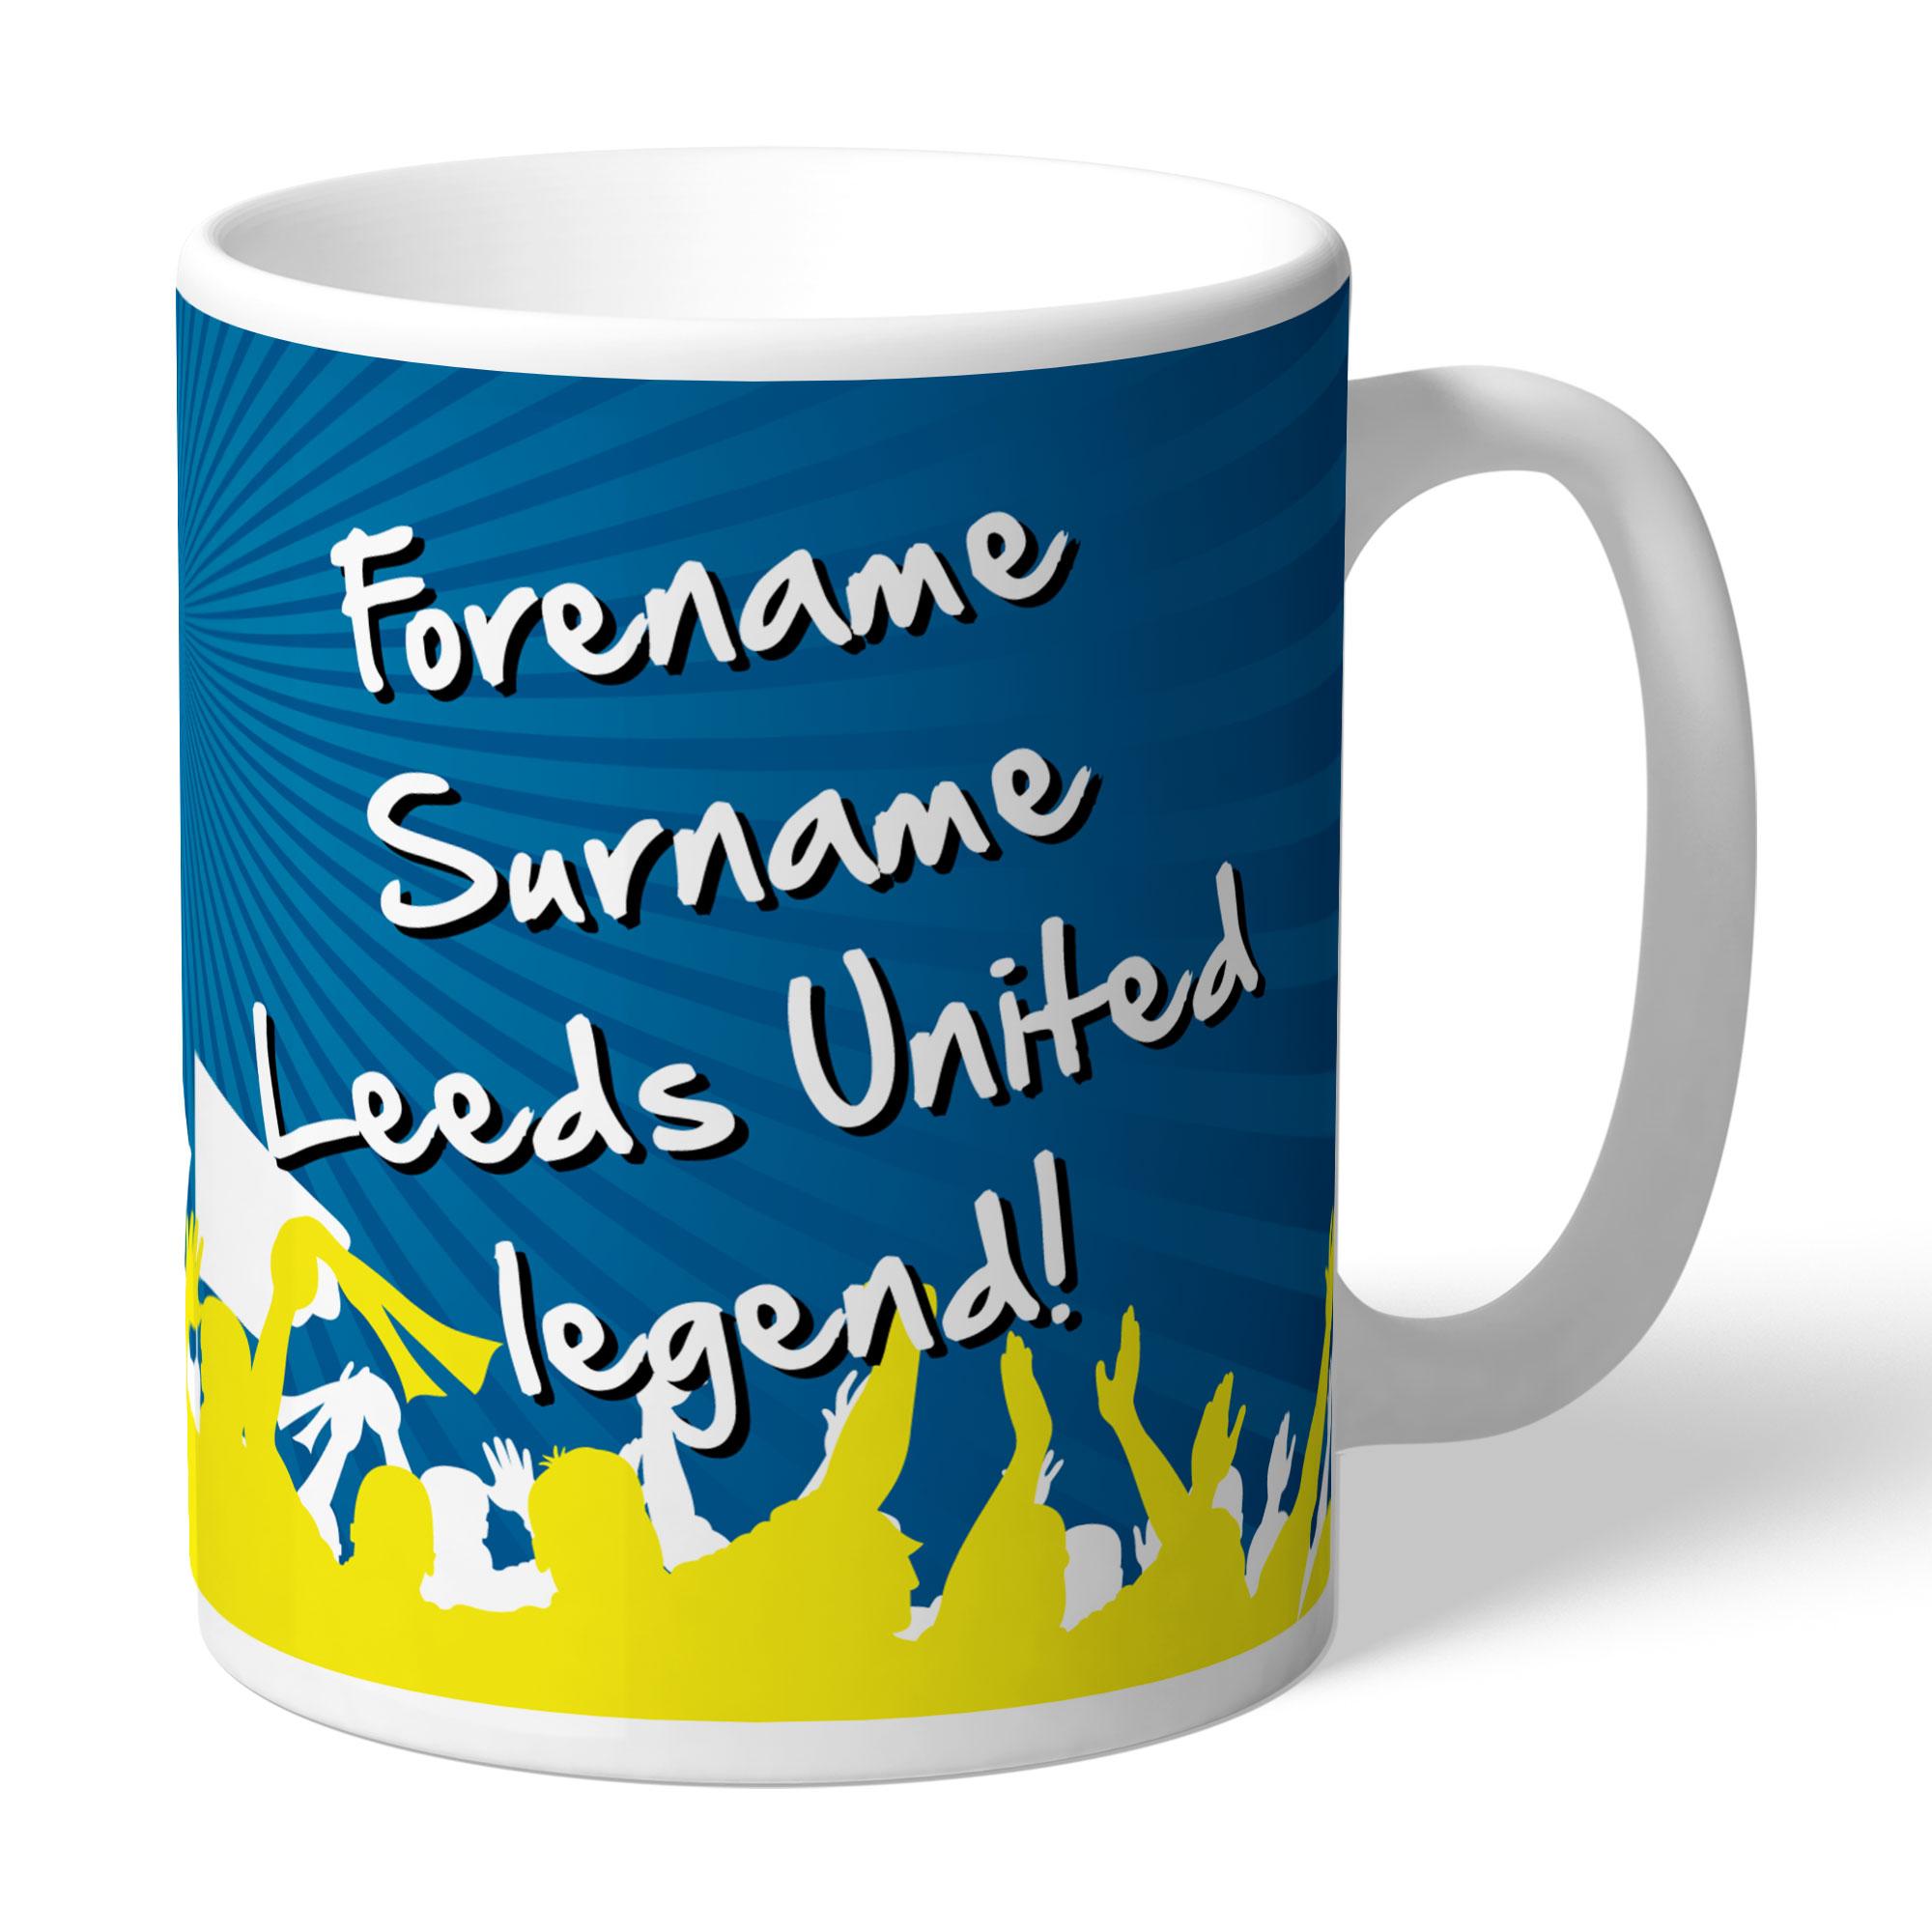 Leeds United FC Legend Mug